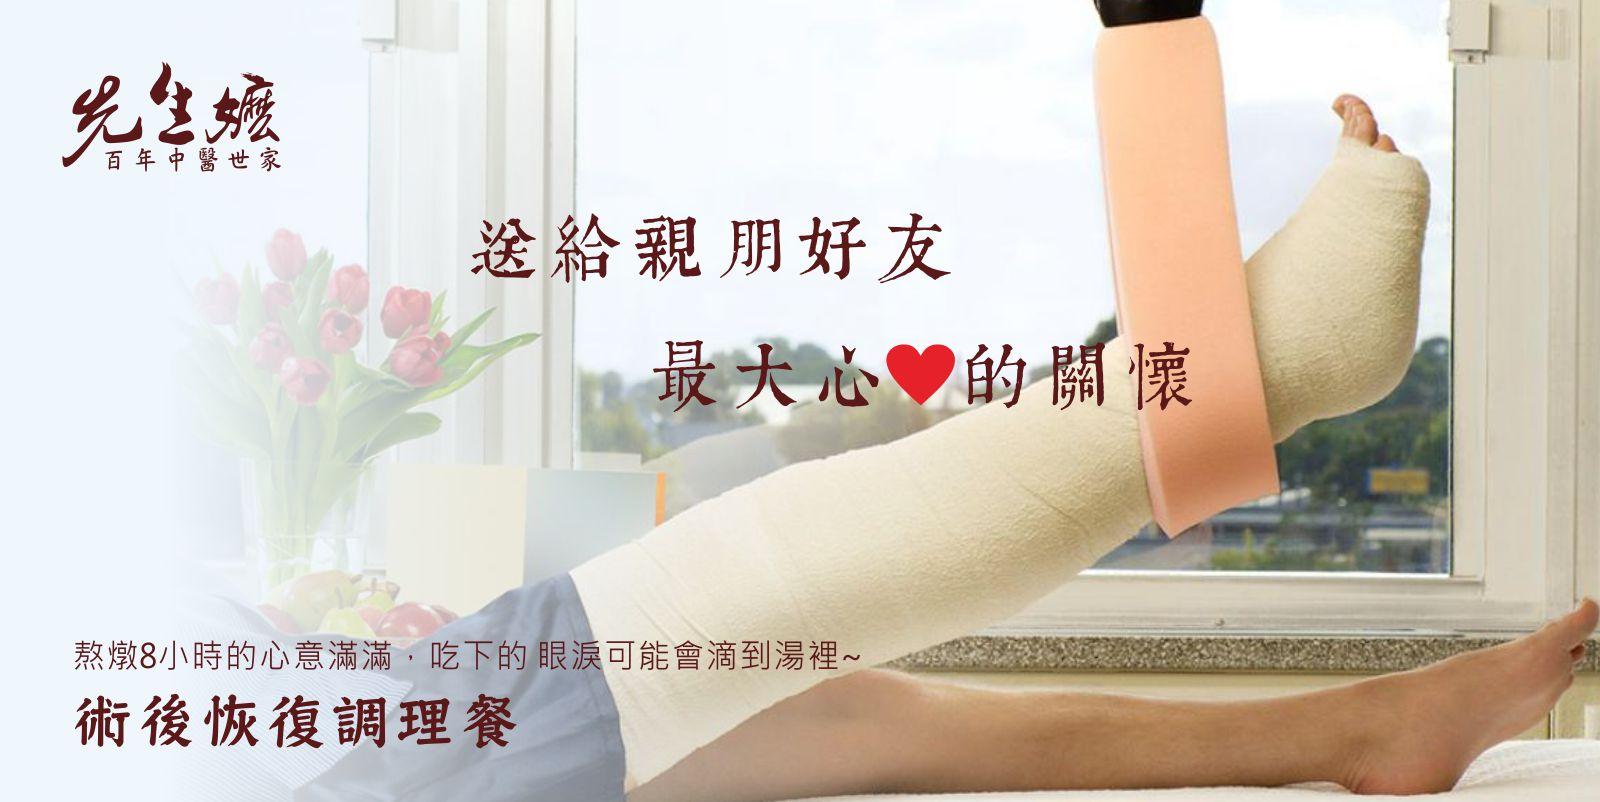 【私房藥膳燉鱸魚】1斤重 重量包 (1-2餐份)x 3大包組 1